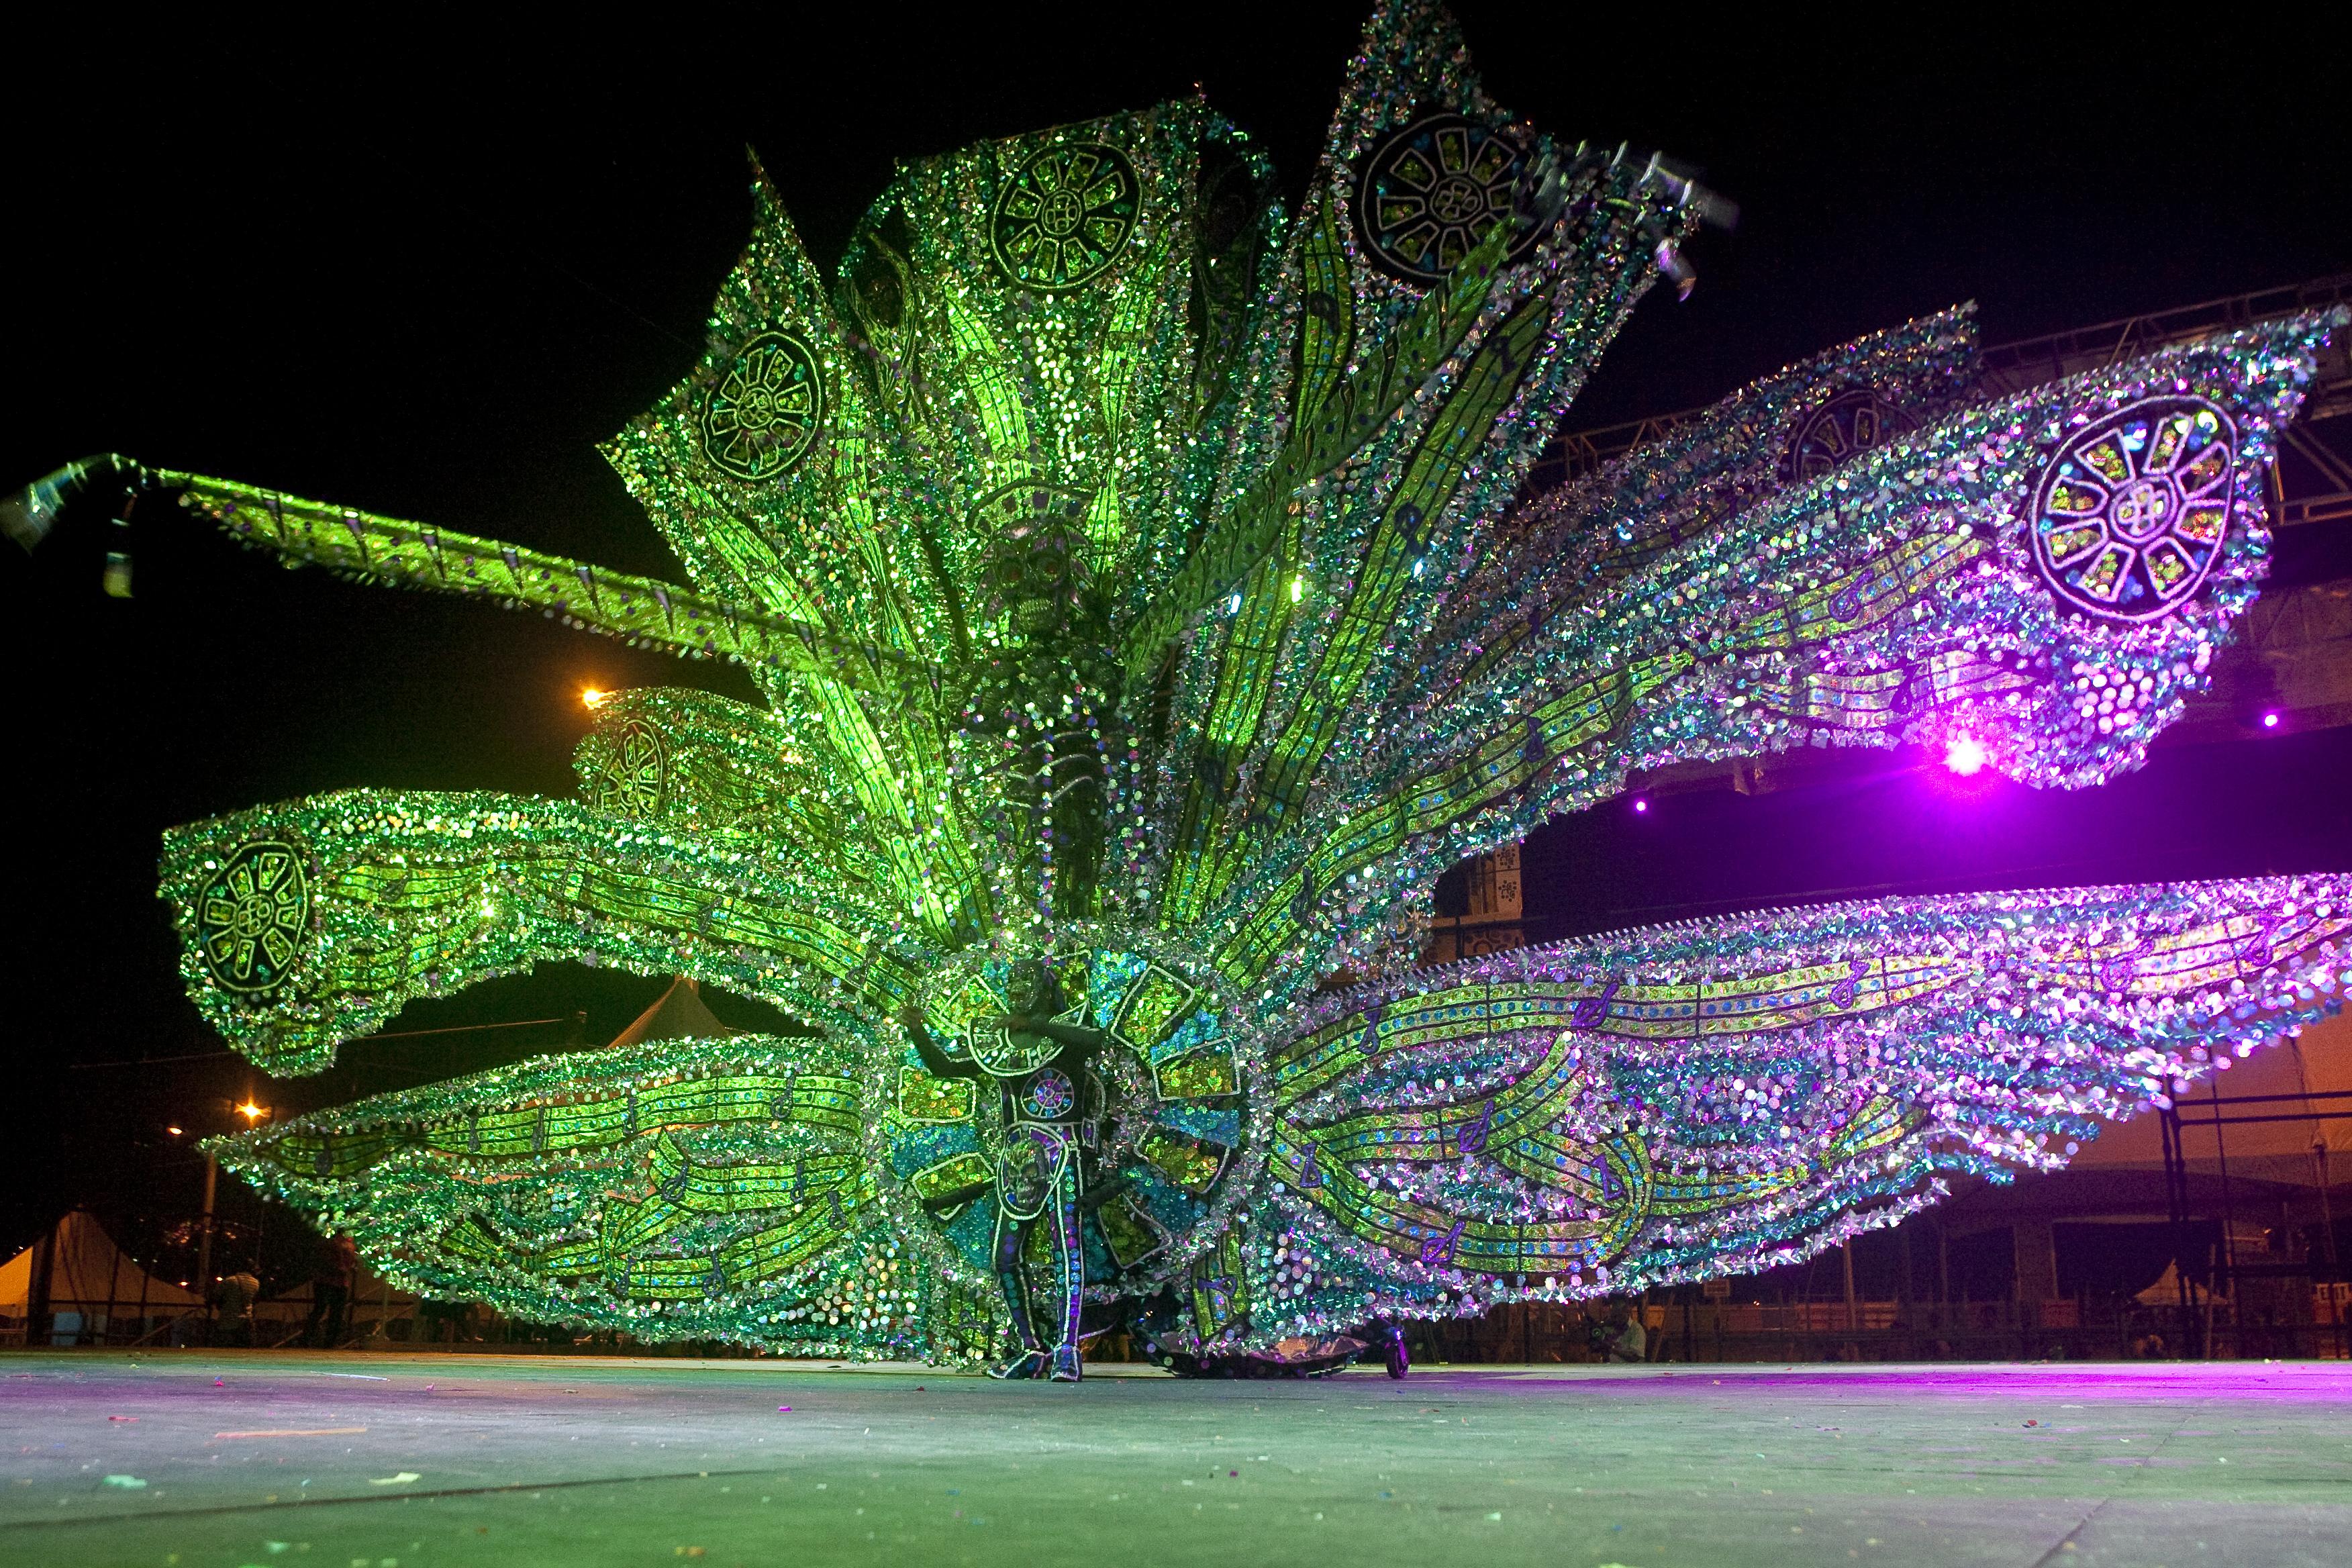 20 Festivals You Must Experience in Trinidad & Tobago